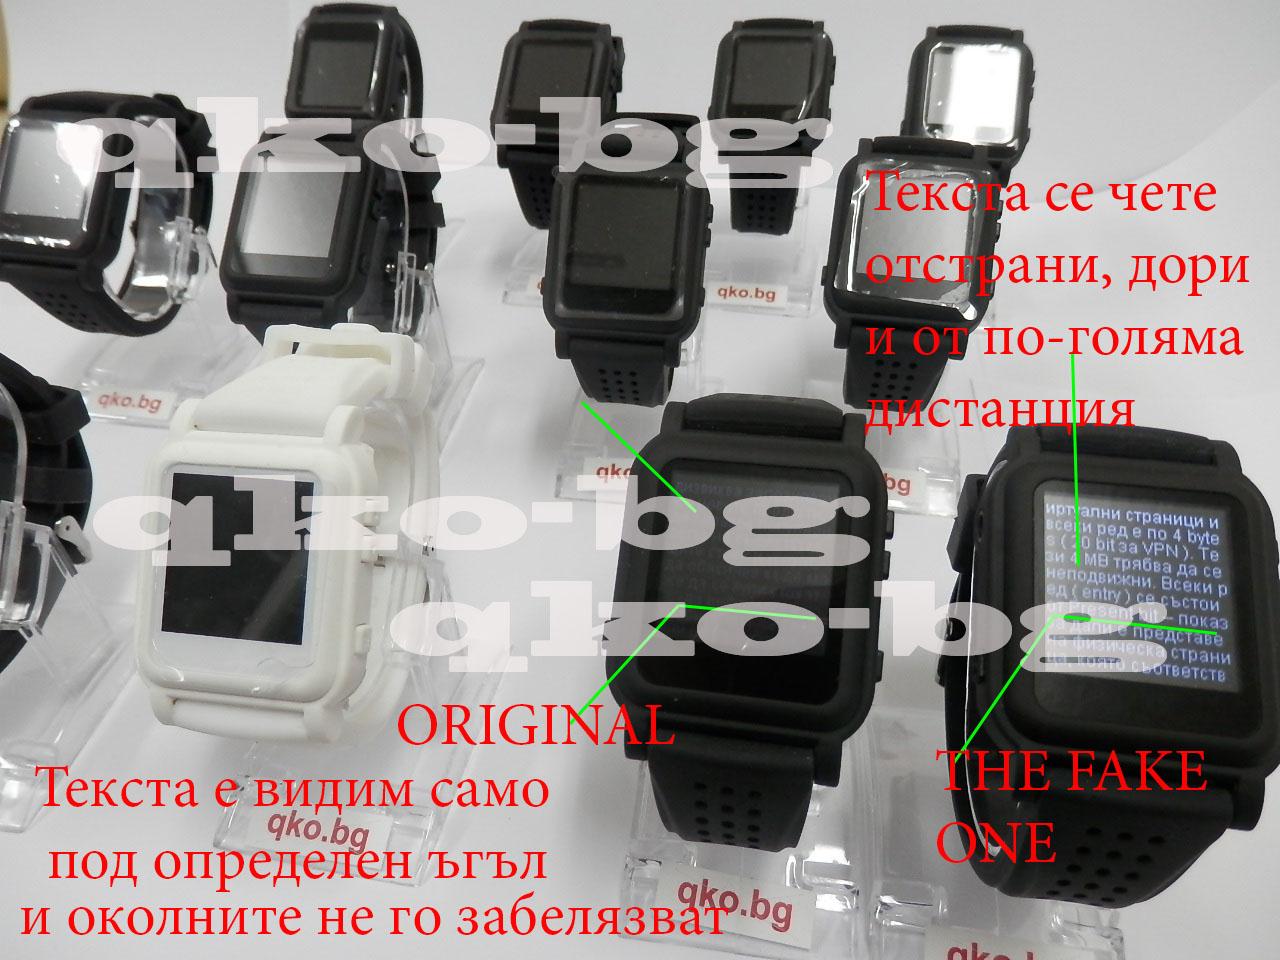 Часовници за преписване